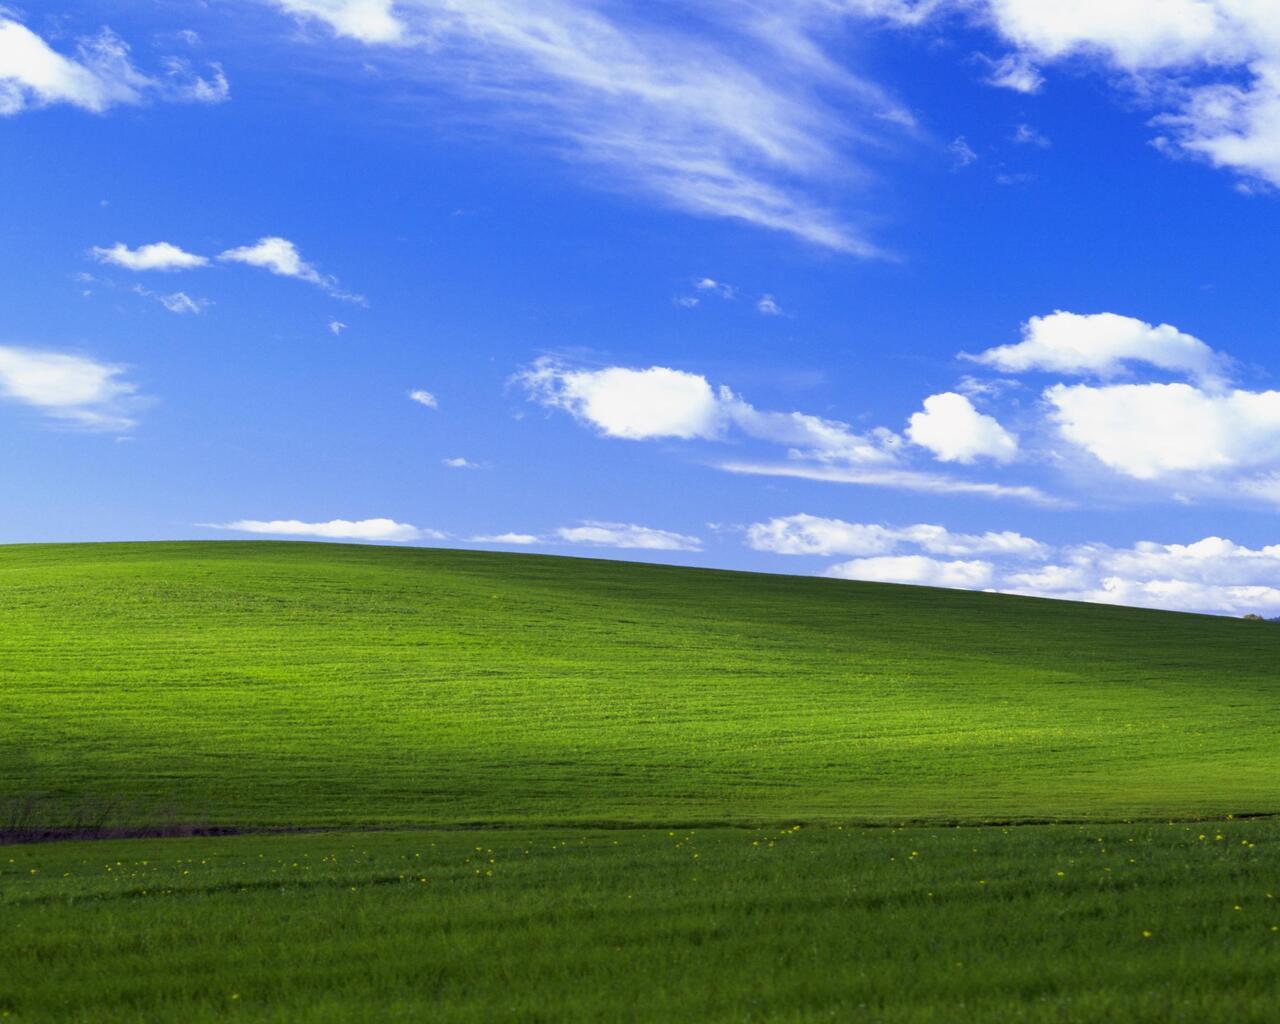 1280x1024 Windows Xp Bliss 4k 1280x1024 Resolution Hd 4k